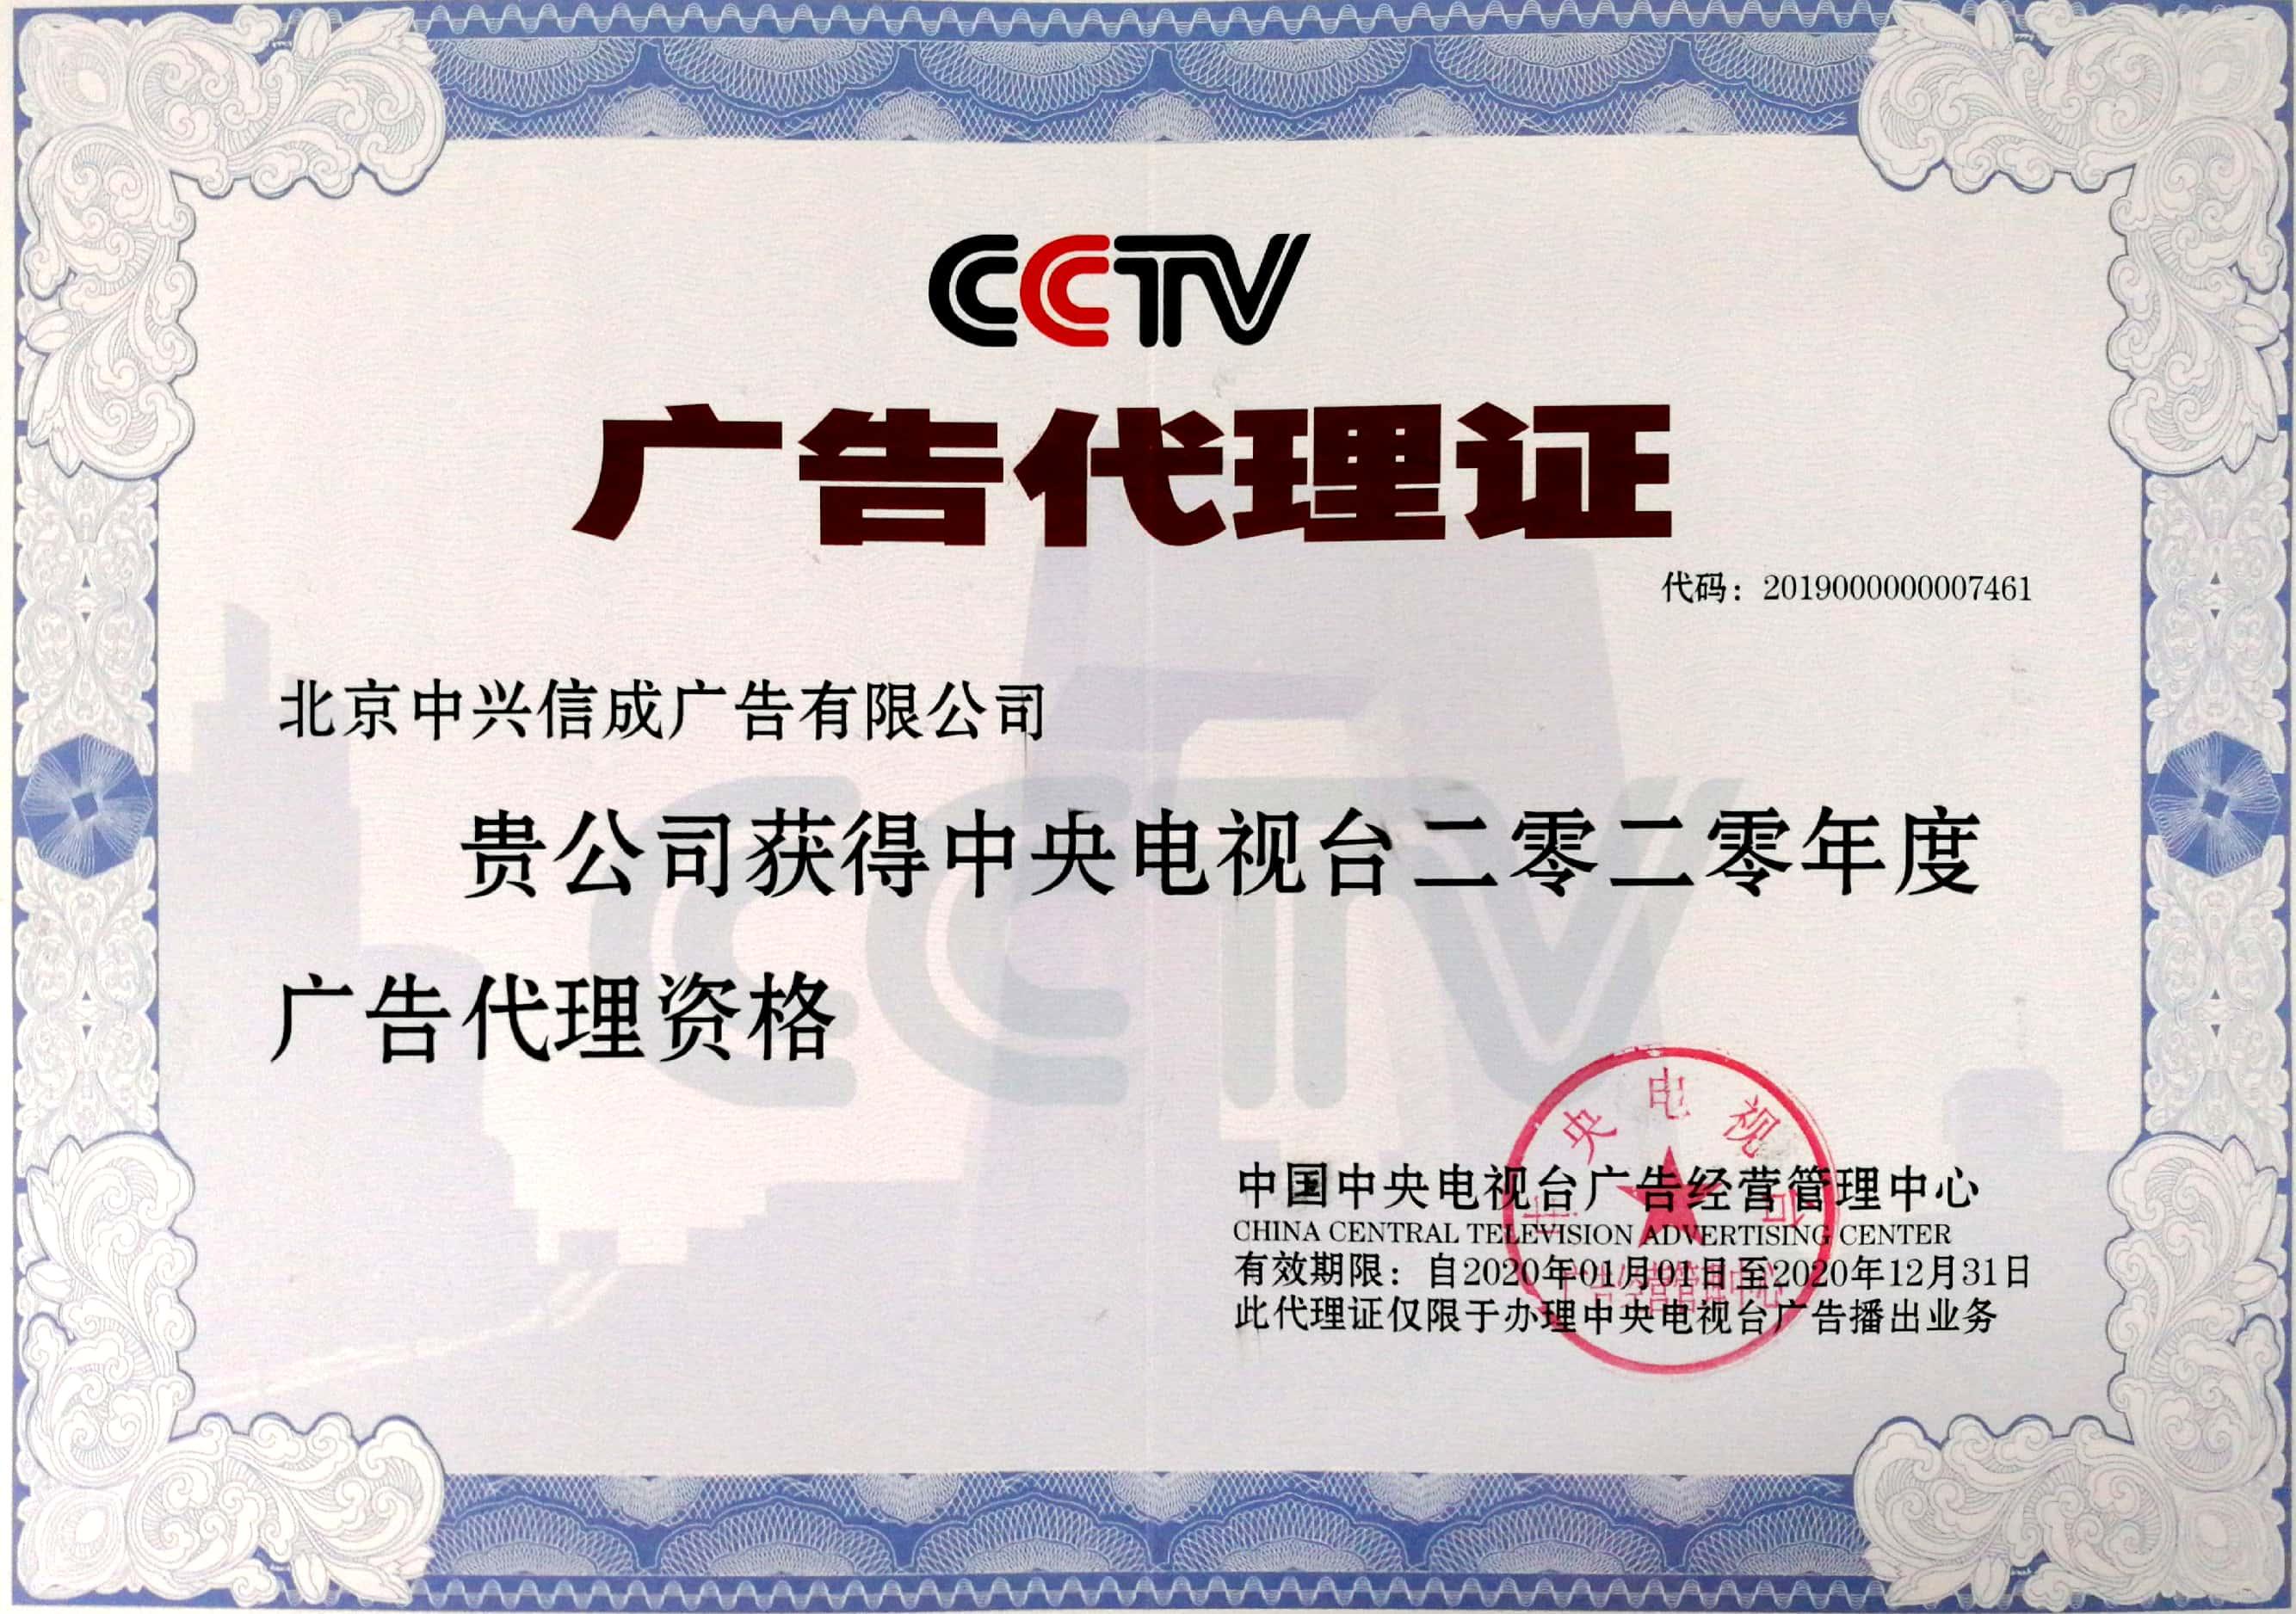 2020年中央电视台广告代理证